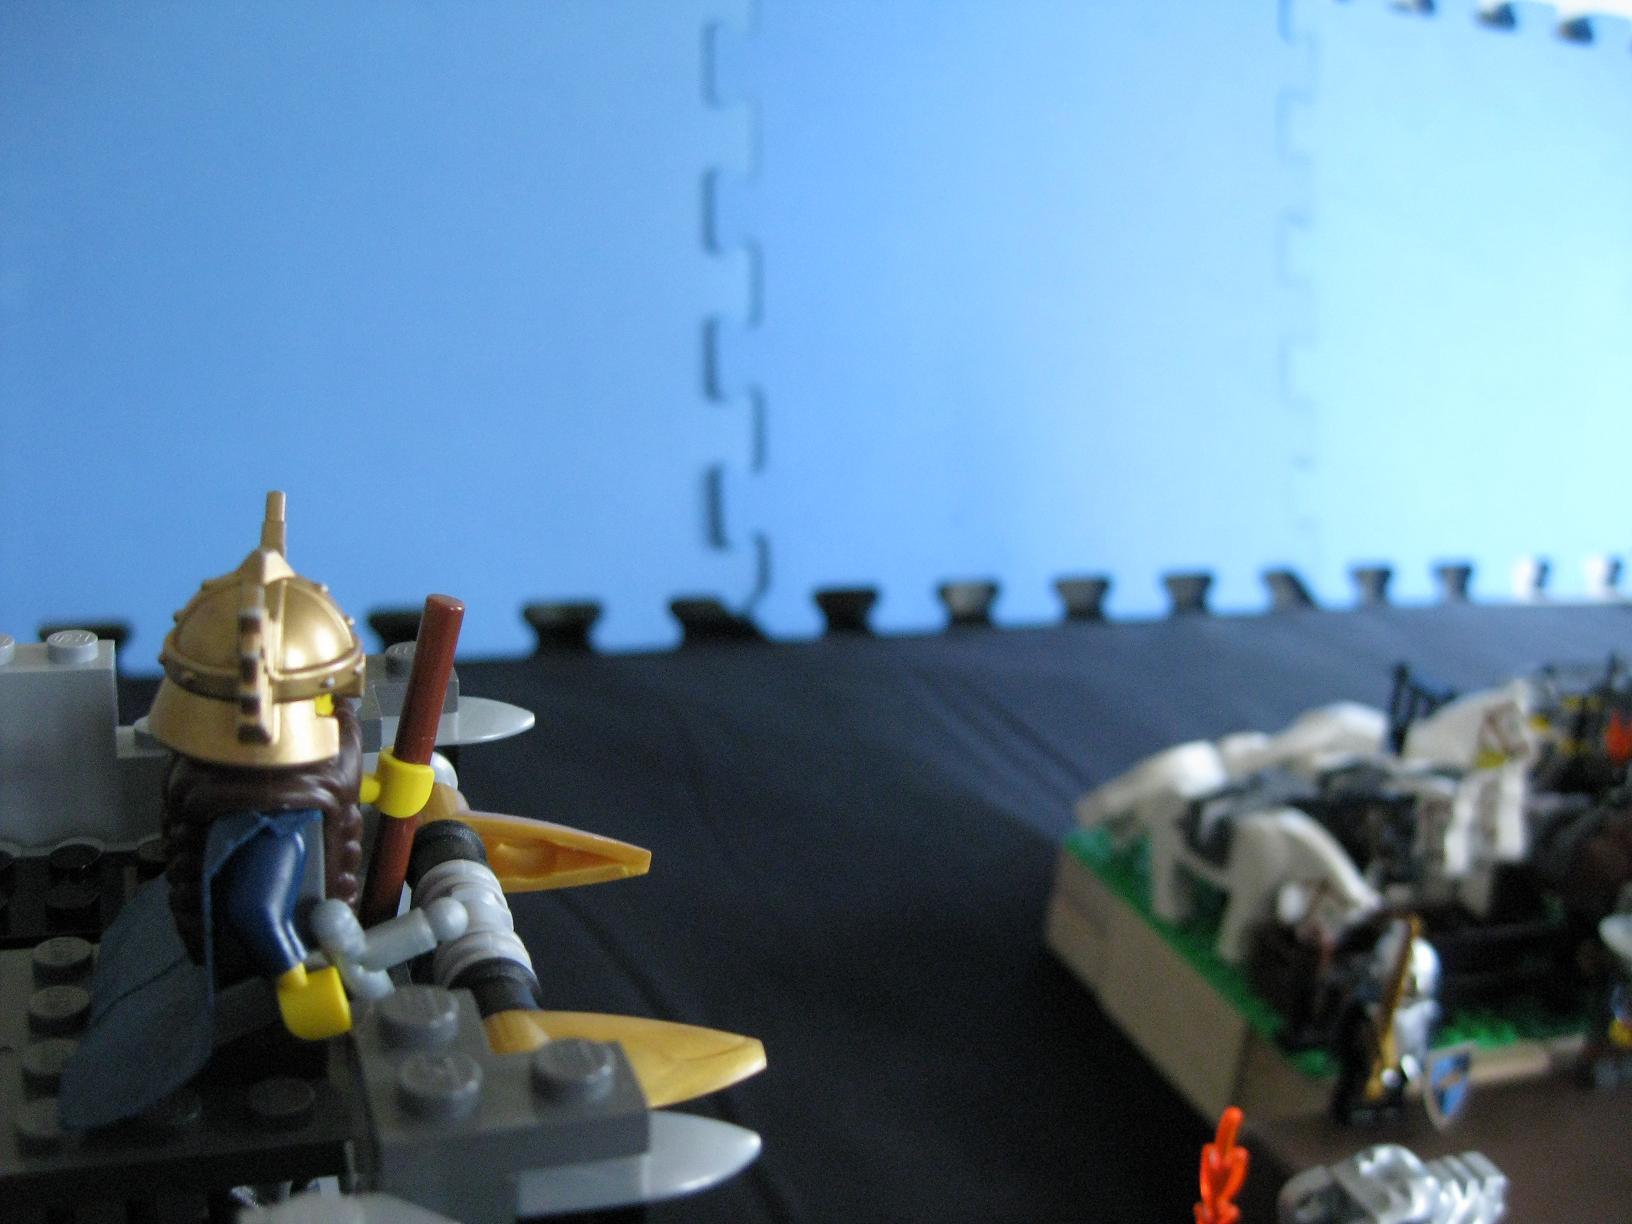 摩瑞卡王国传奇首部曲 马西斯大帝 81 答覆1